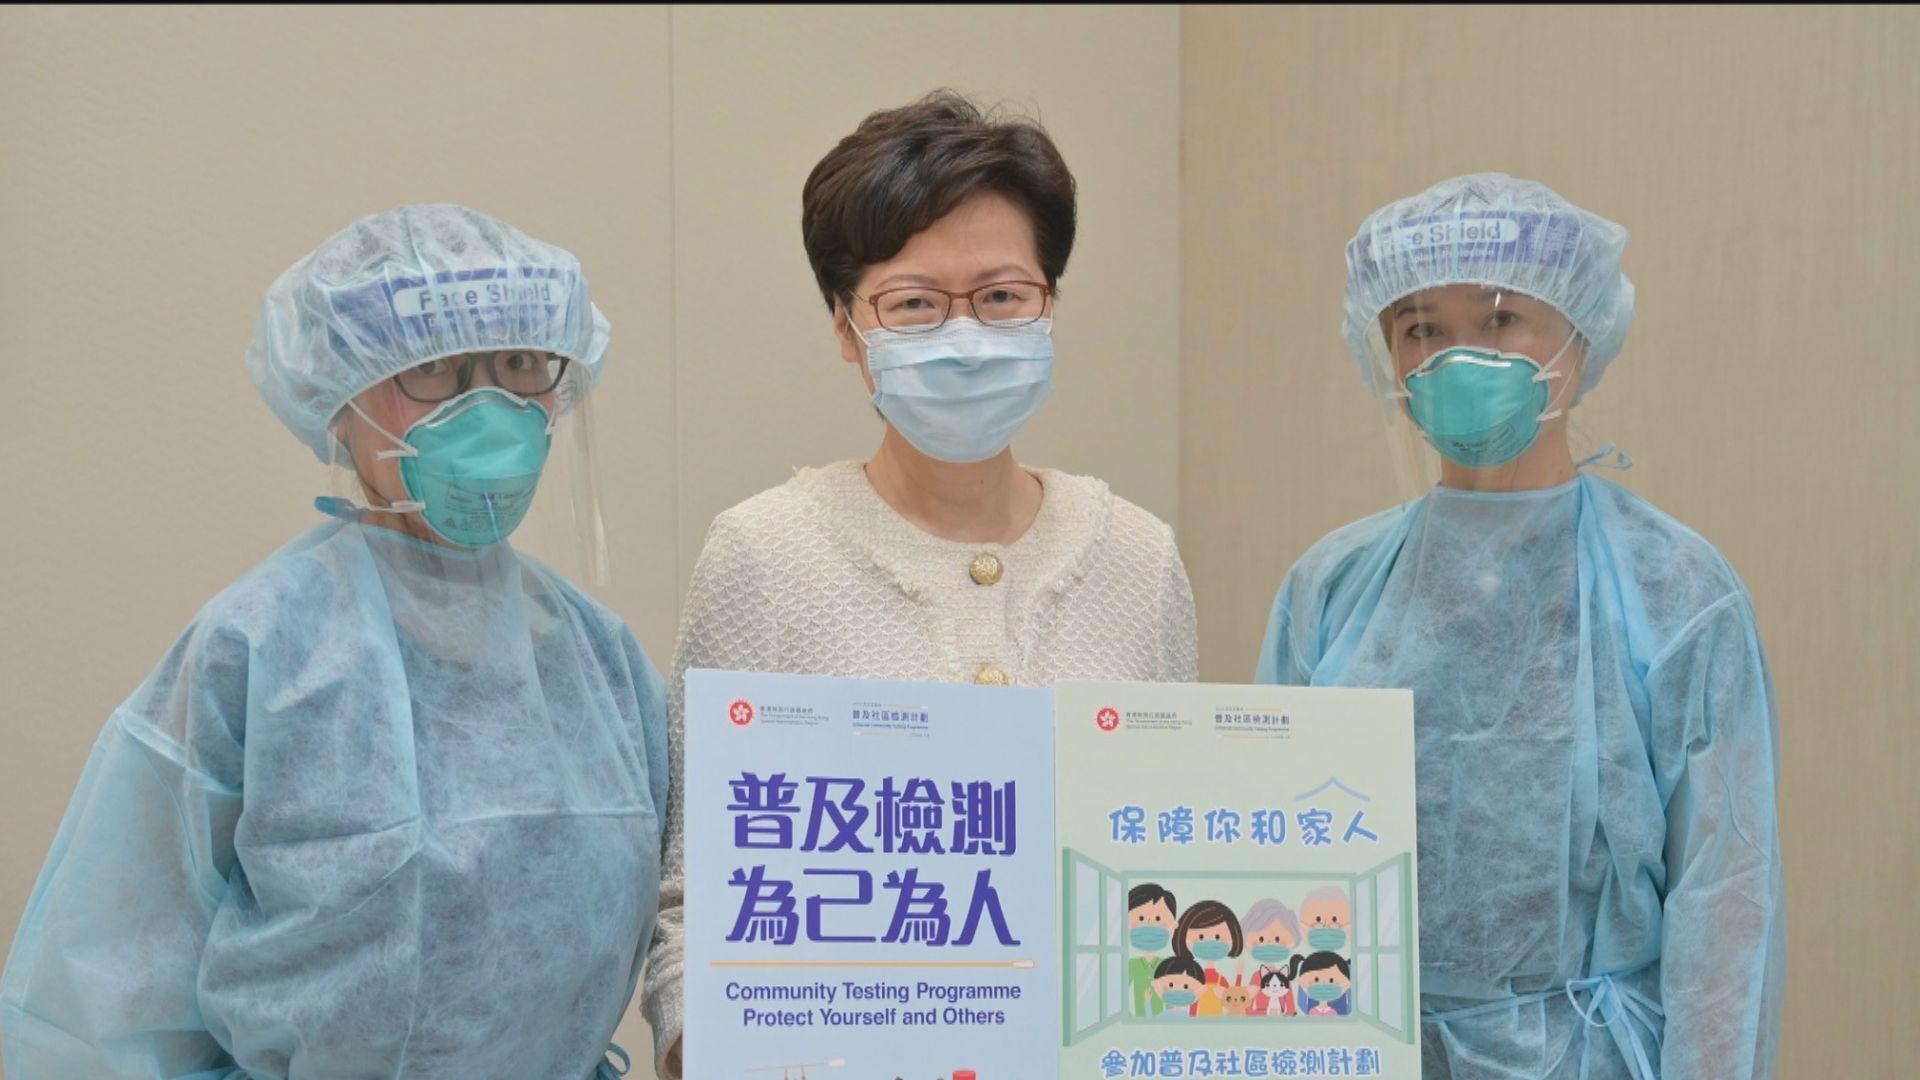 林鄭月娥:為過關到深圳 已接受病毒檢測